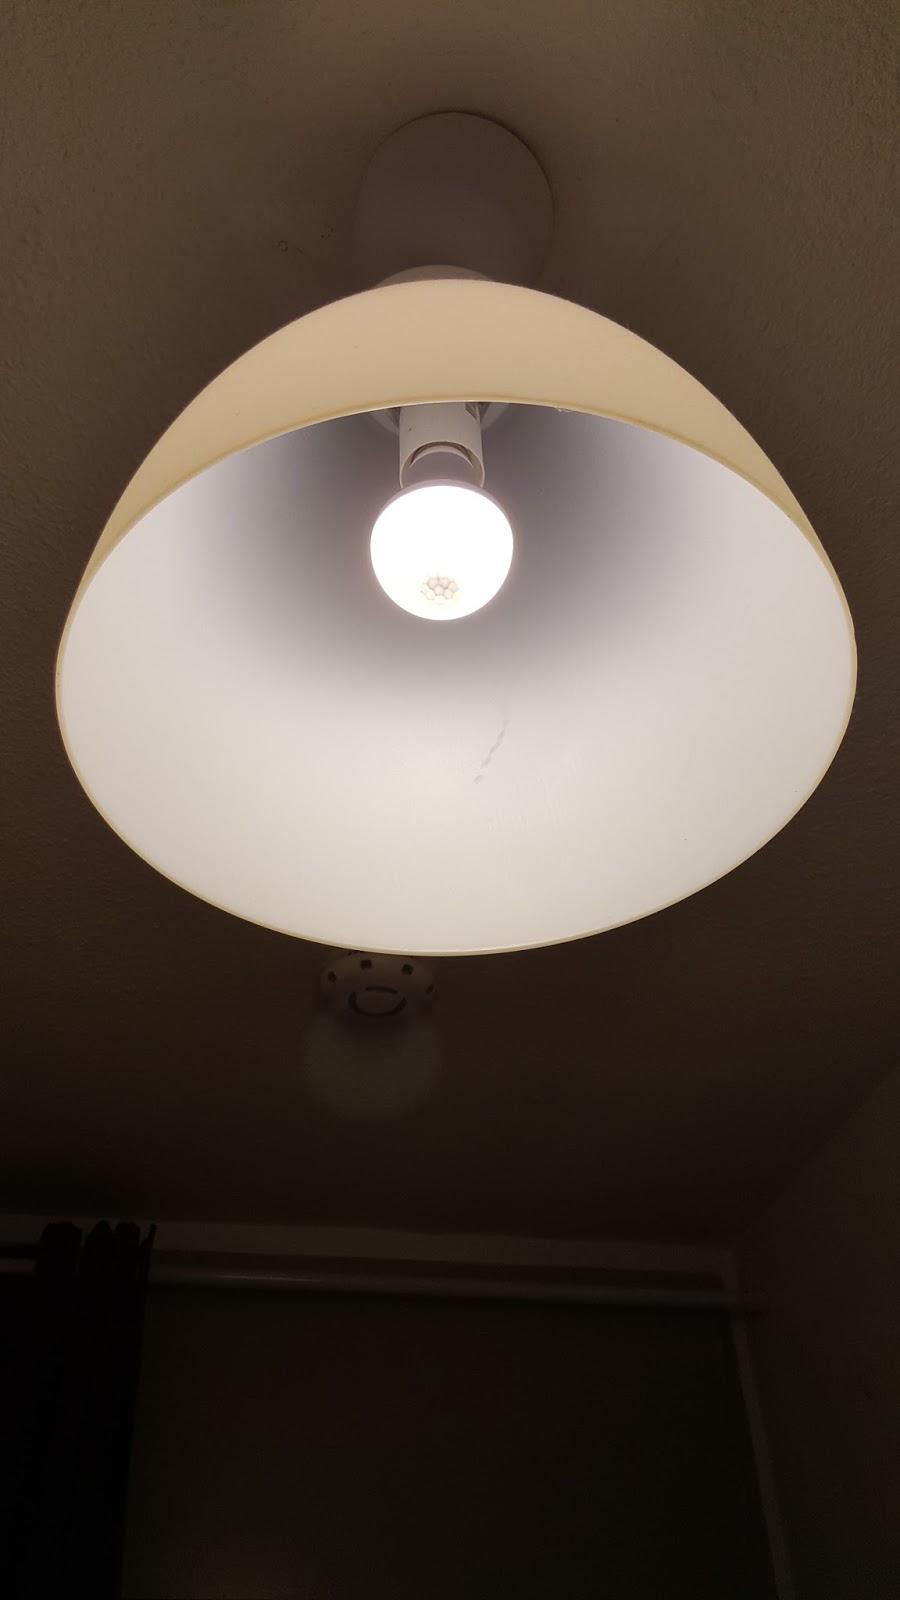 lahr2006 testet kingso e27 7w bewegungsmelder gl hlampe pir led leuchtmittel infrarot. Black Bedroom Furniture Sets. Home Design Ideas